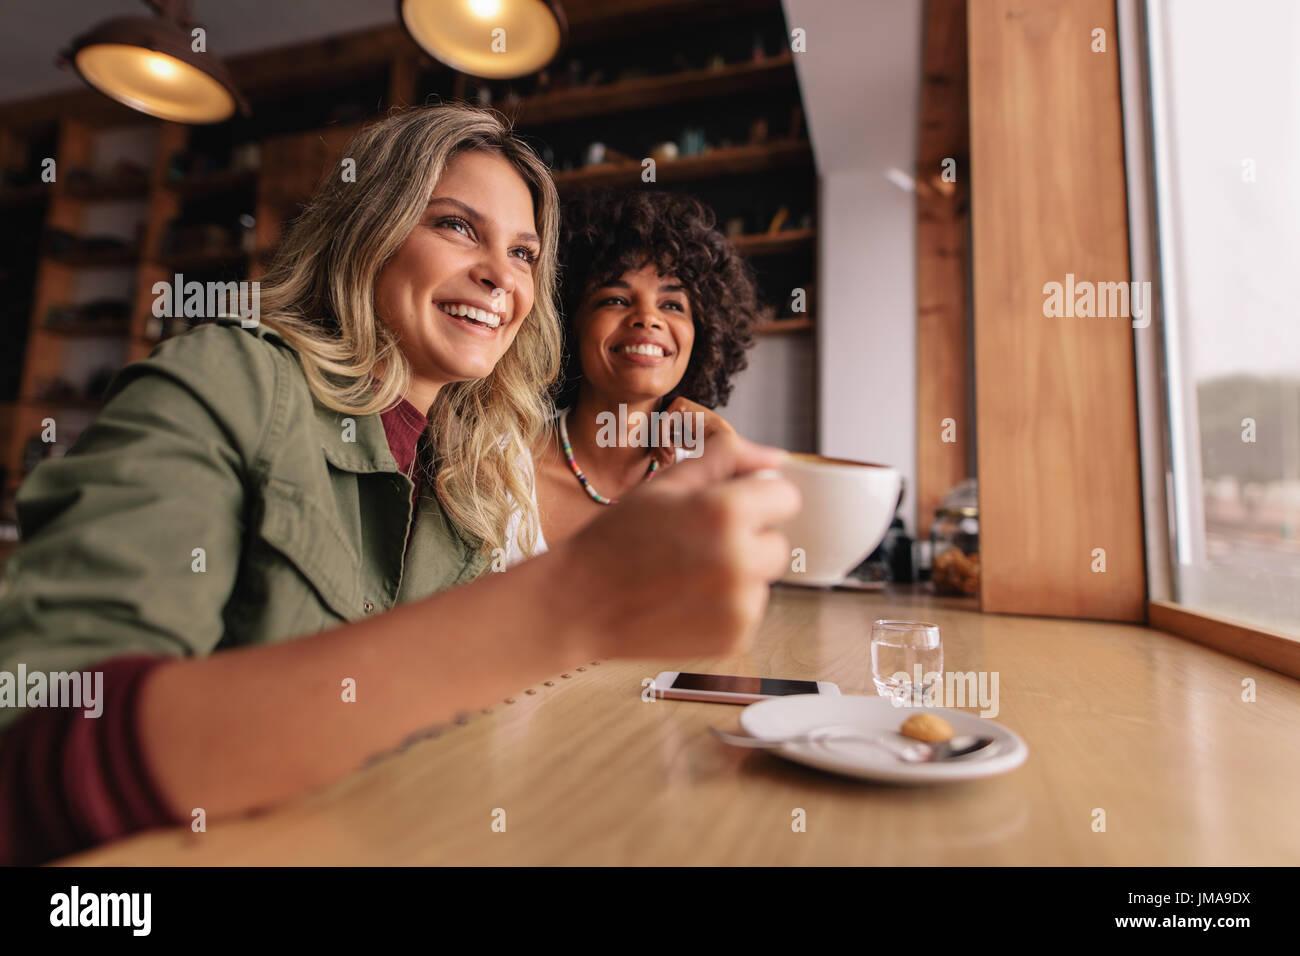 Dos jóvenes mujer sentada en el café y café. Amigas bebiendo café en el restaurante. Imagen De Stock